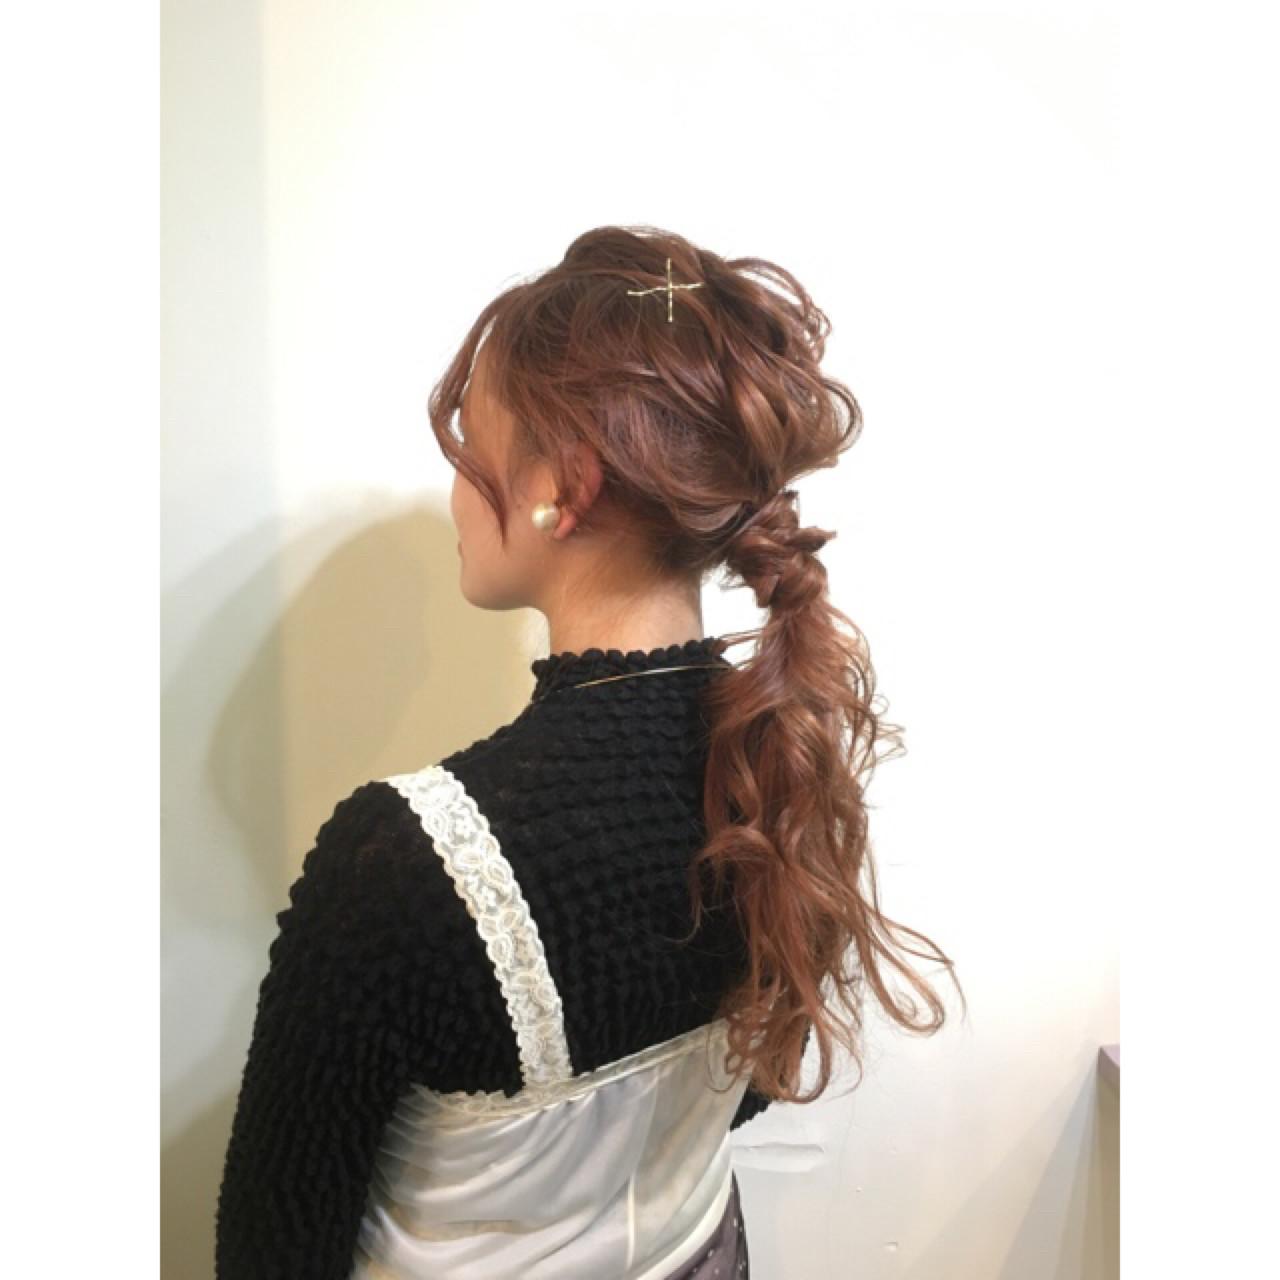 ミディアム ショート 大人かわいい ポニーテール ヘアスタイルや髪型の写真・画像 | COM PASS 太一 / COM PASS